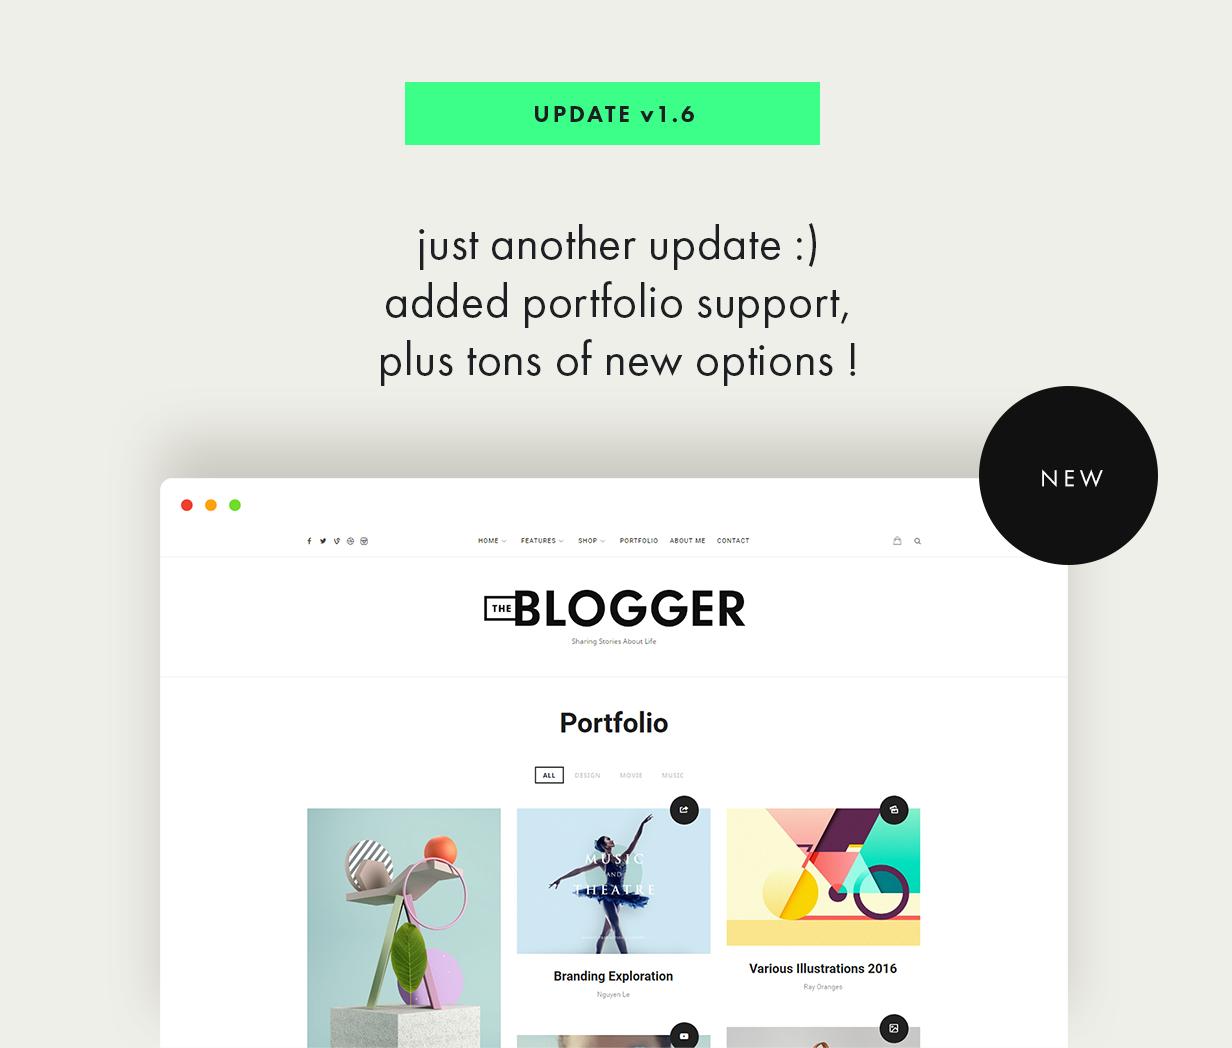 theblogger theme update v1.6